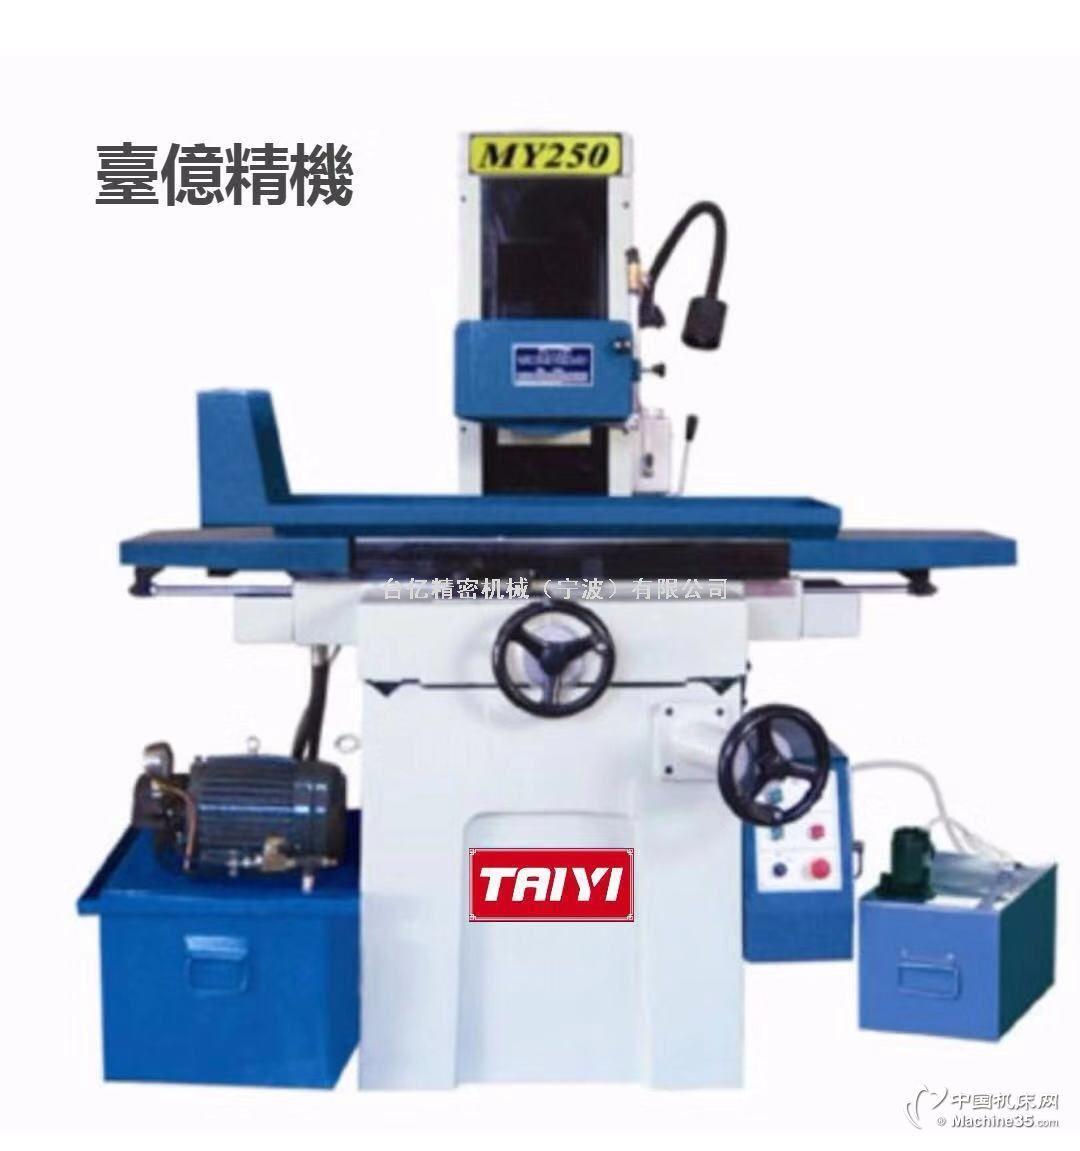 台亿MY-250卧轴矩台液压平面磨床/台亿液压自动磨床